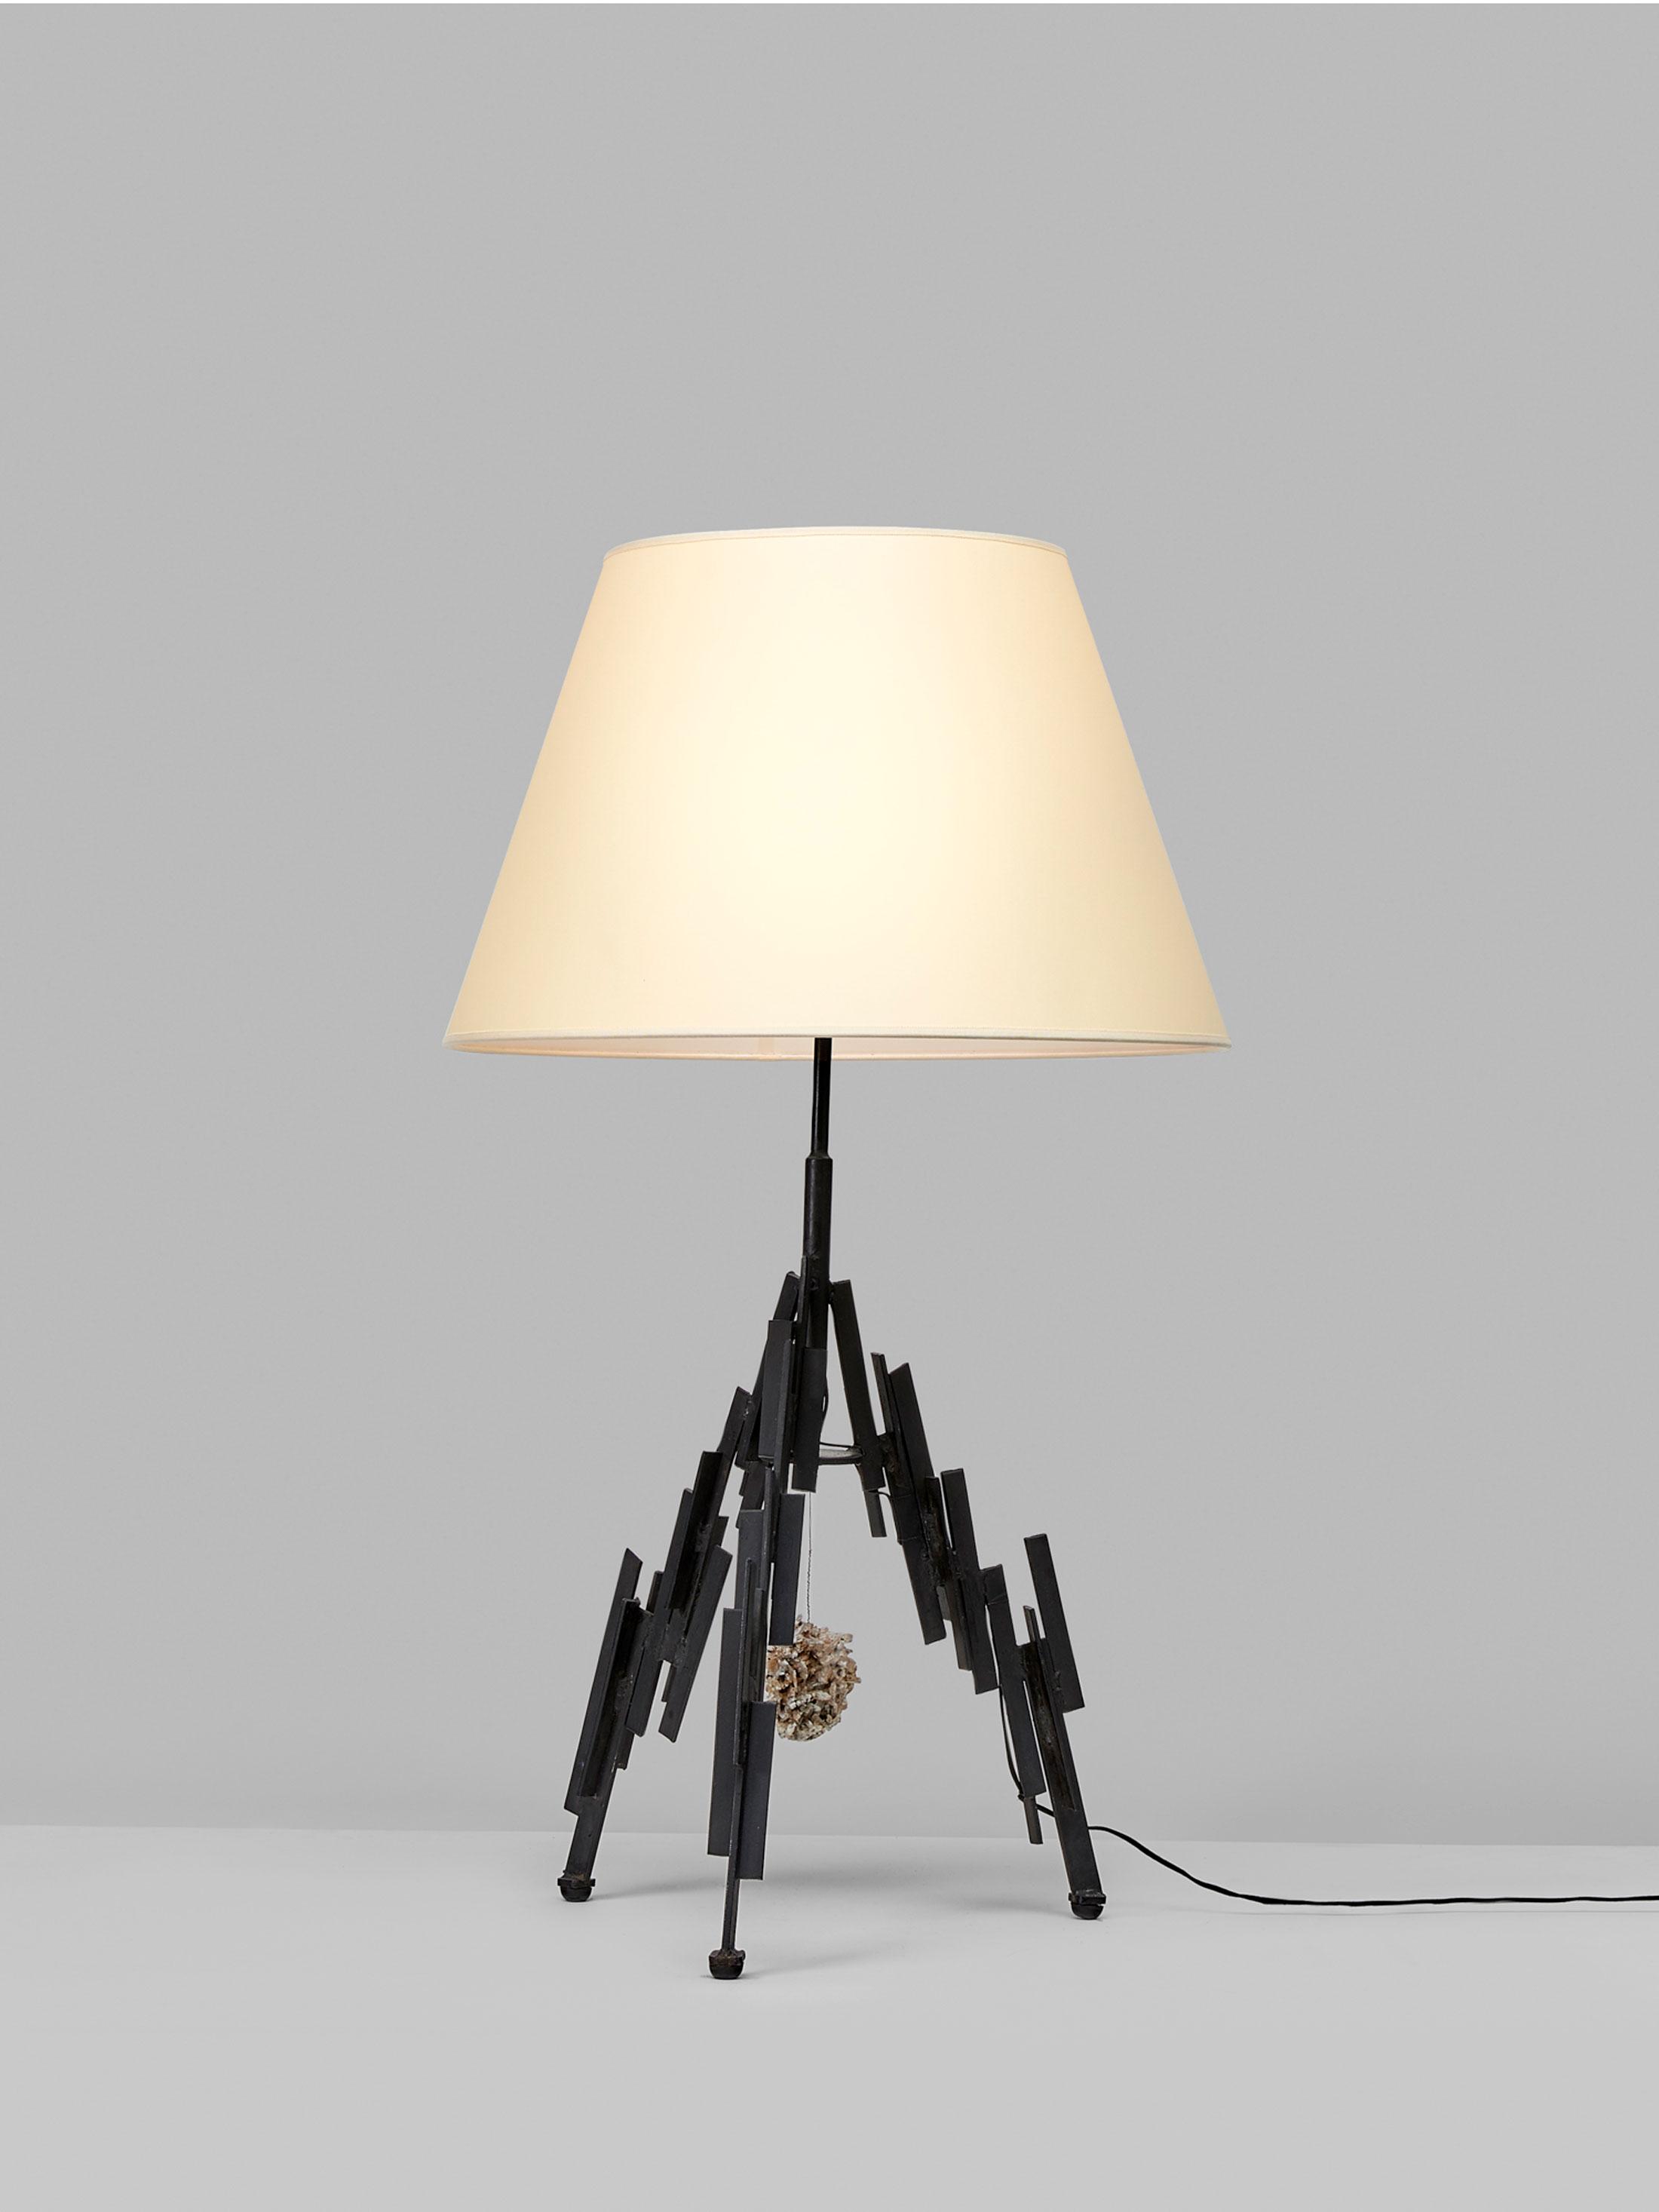 Marc Du Plantier, Importante lampe, vue 01